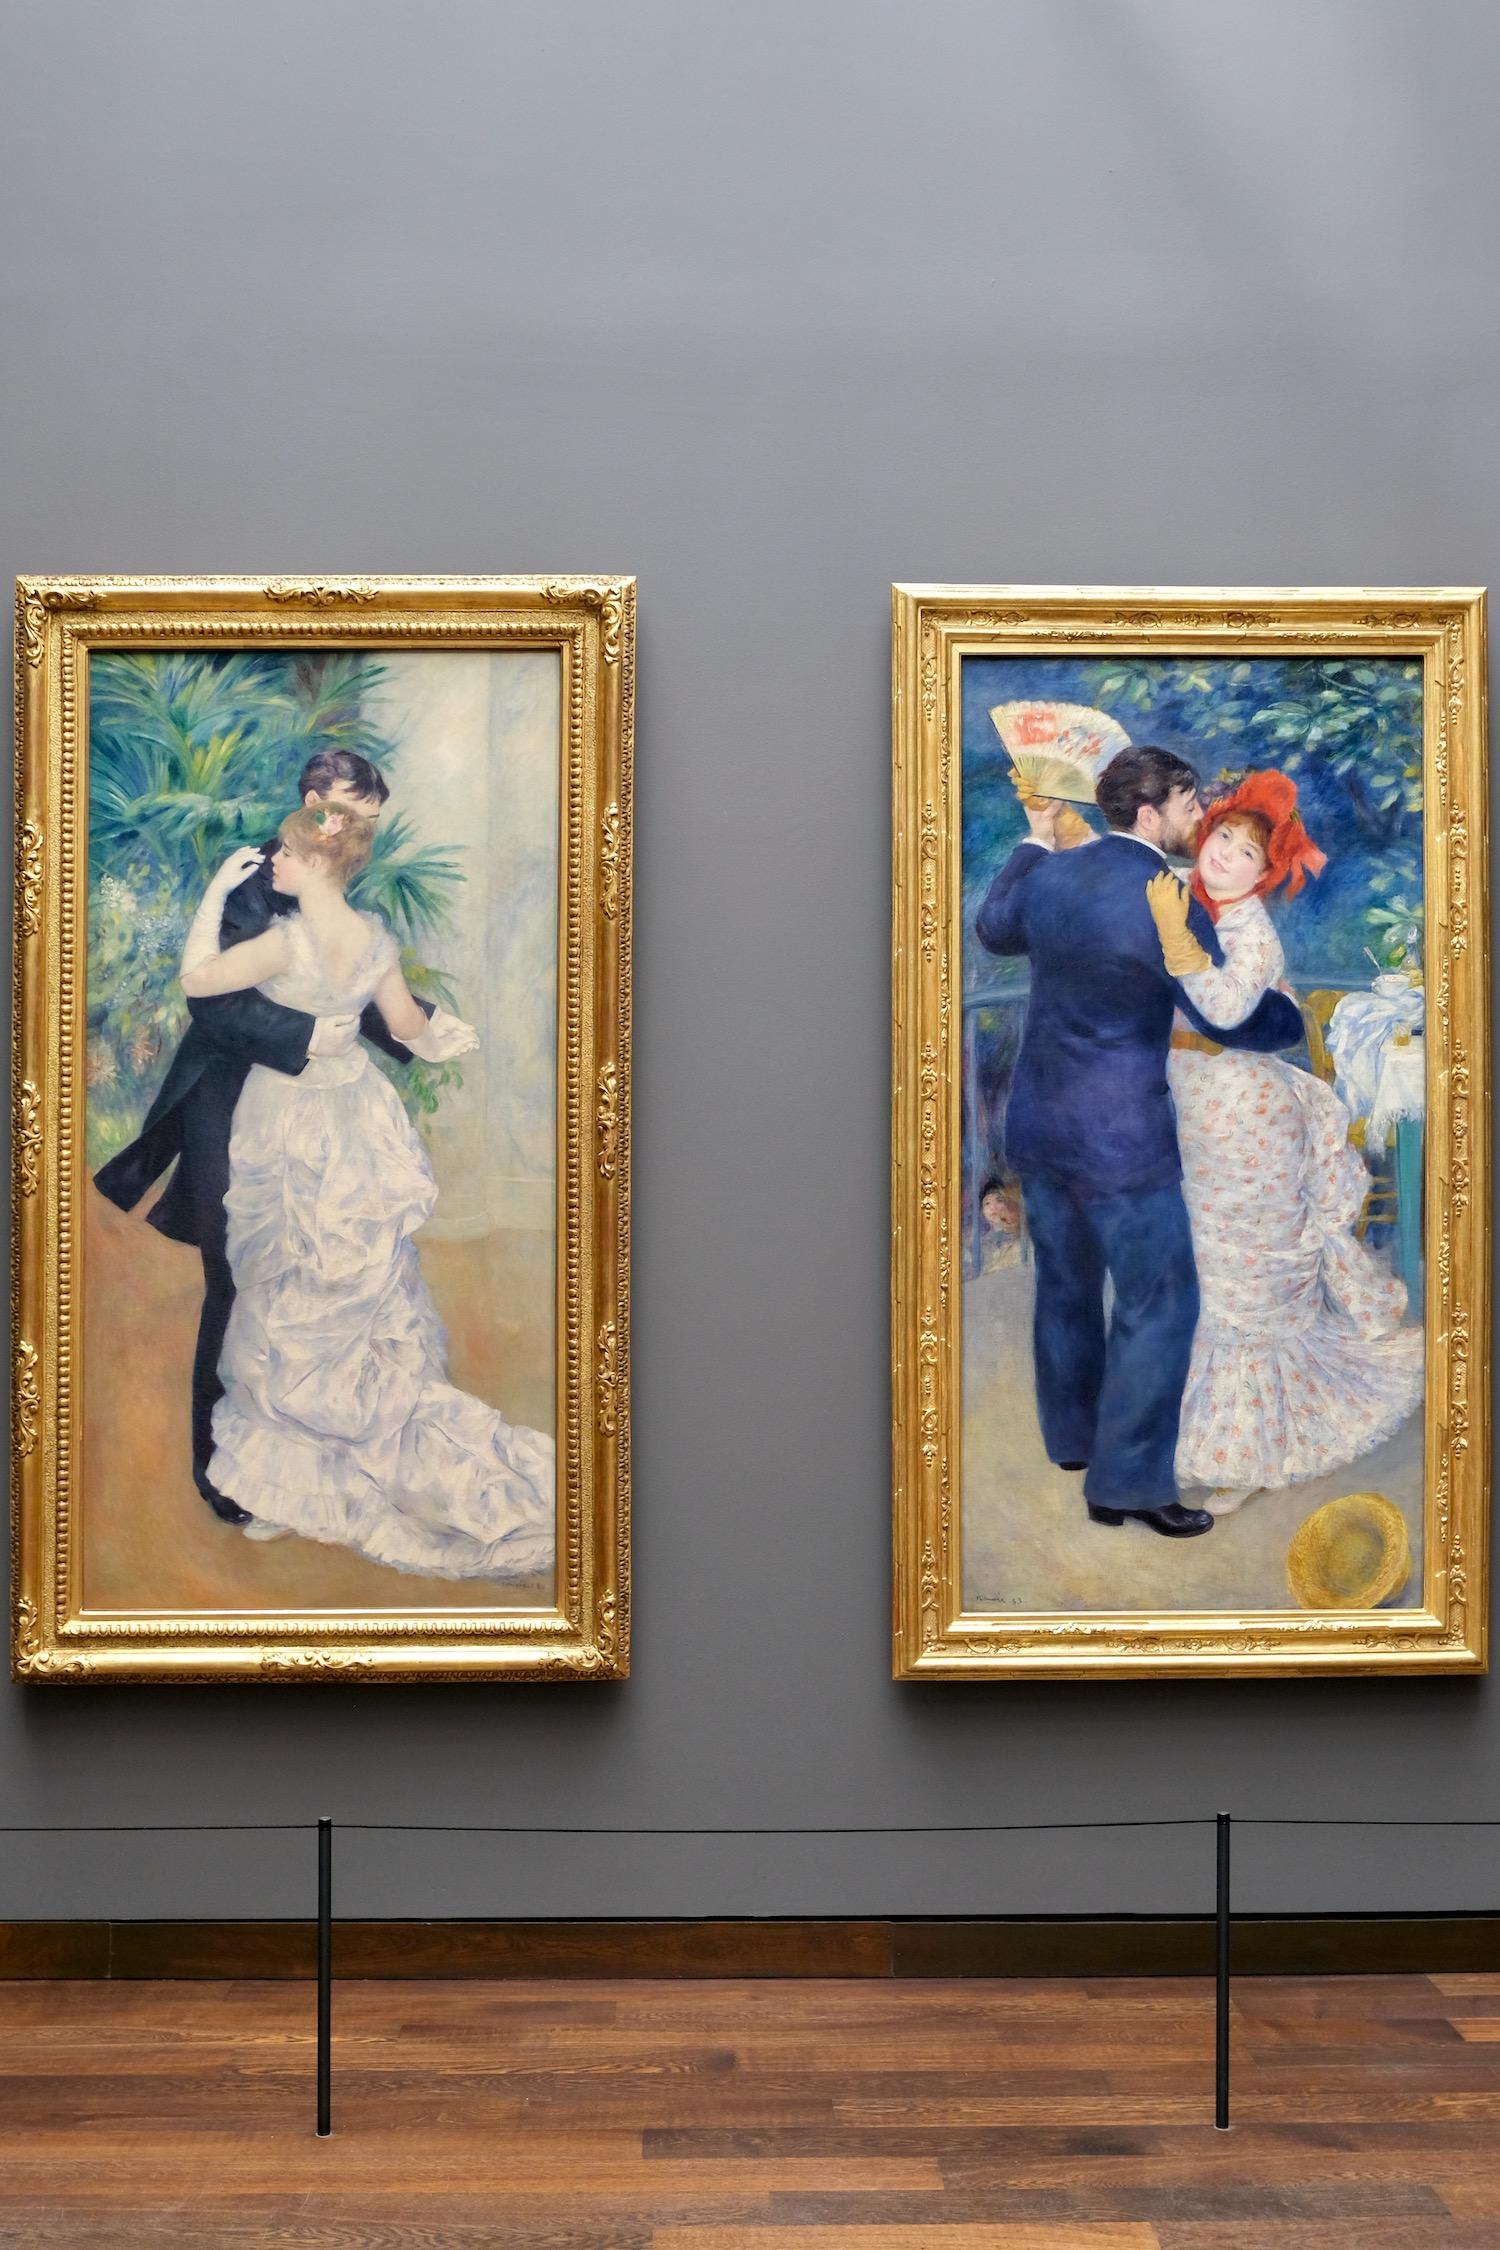 Musée d'Orsay Fifth Floor